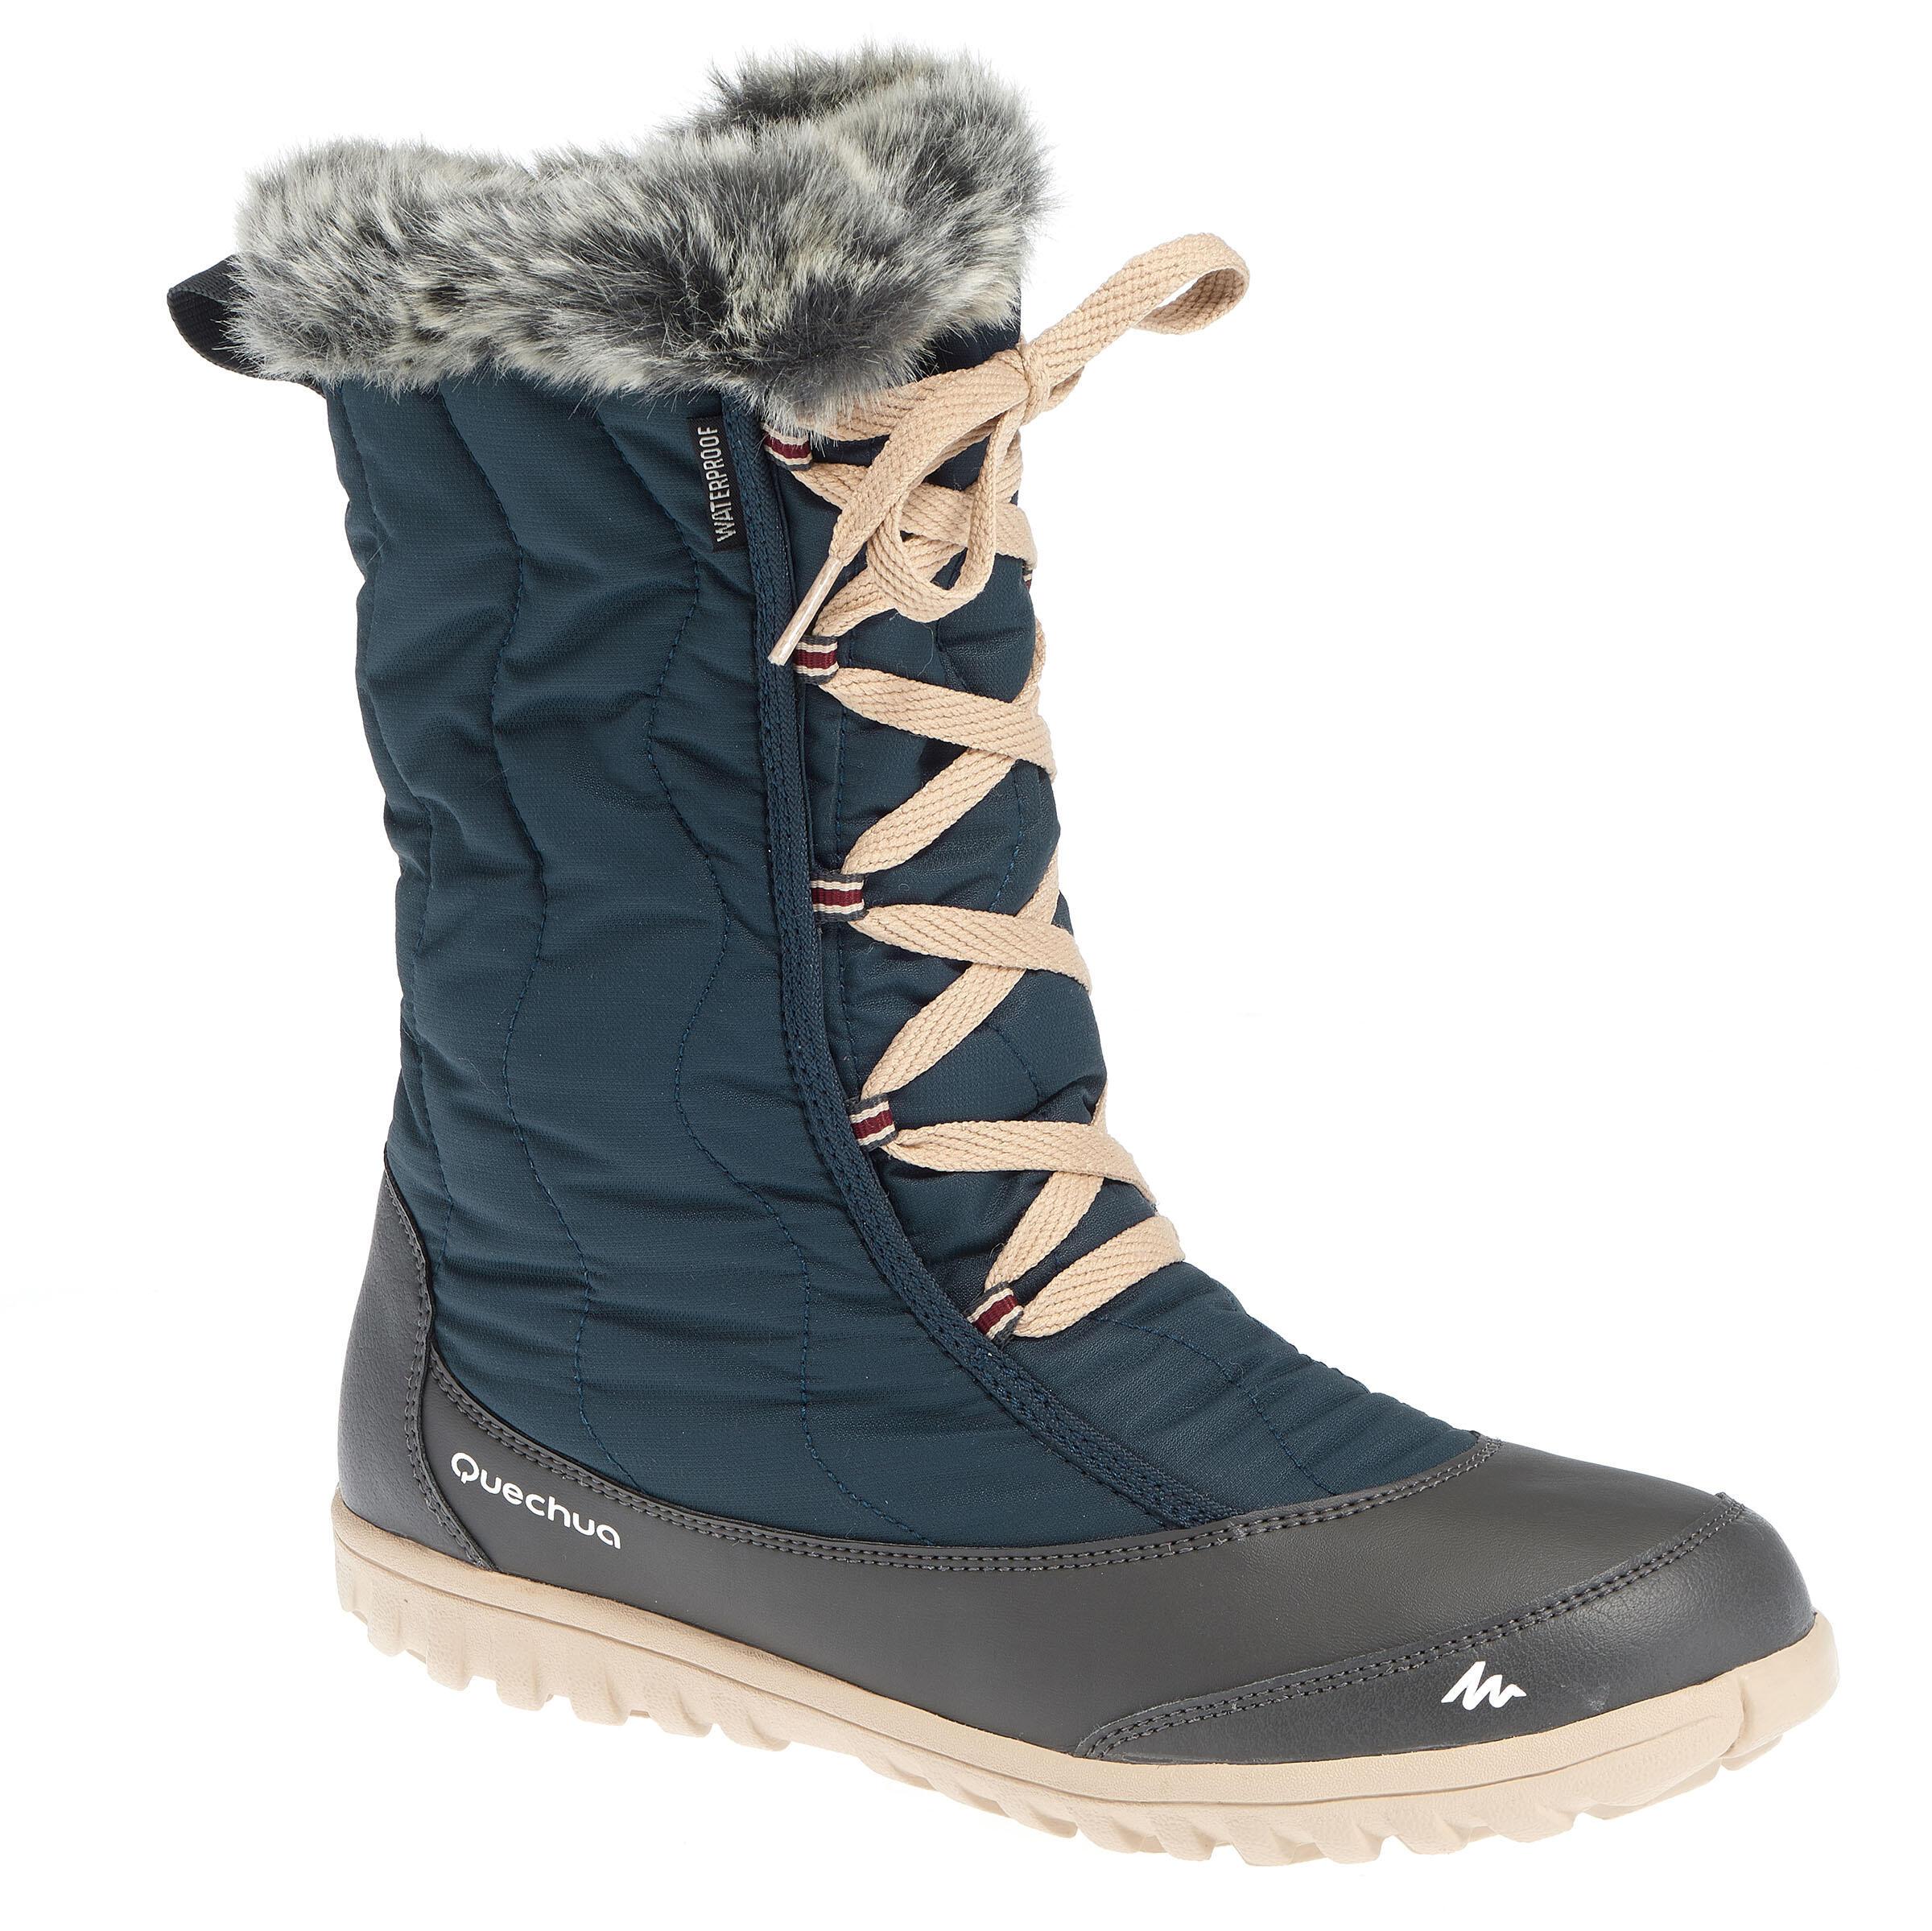 Quechua Wandellaarzen voor de sneeuw dames SH900 warm waterdicht thumbnail